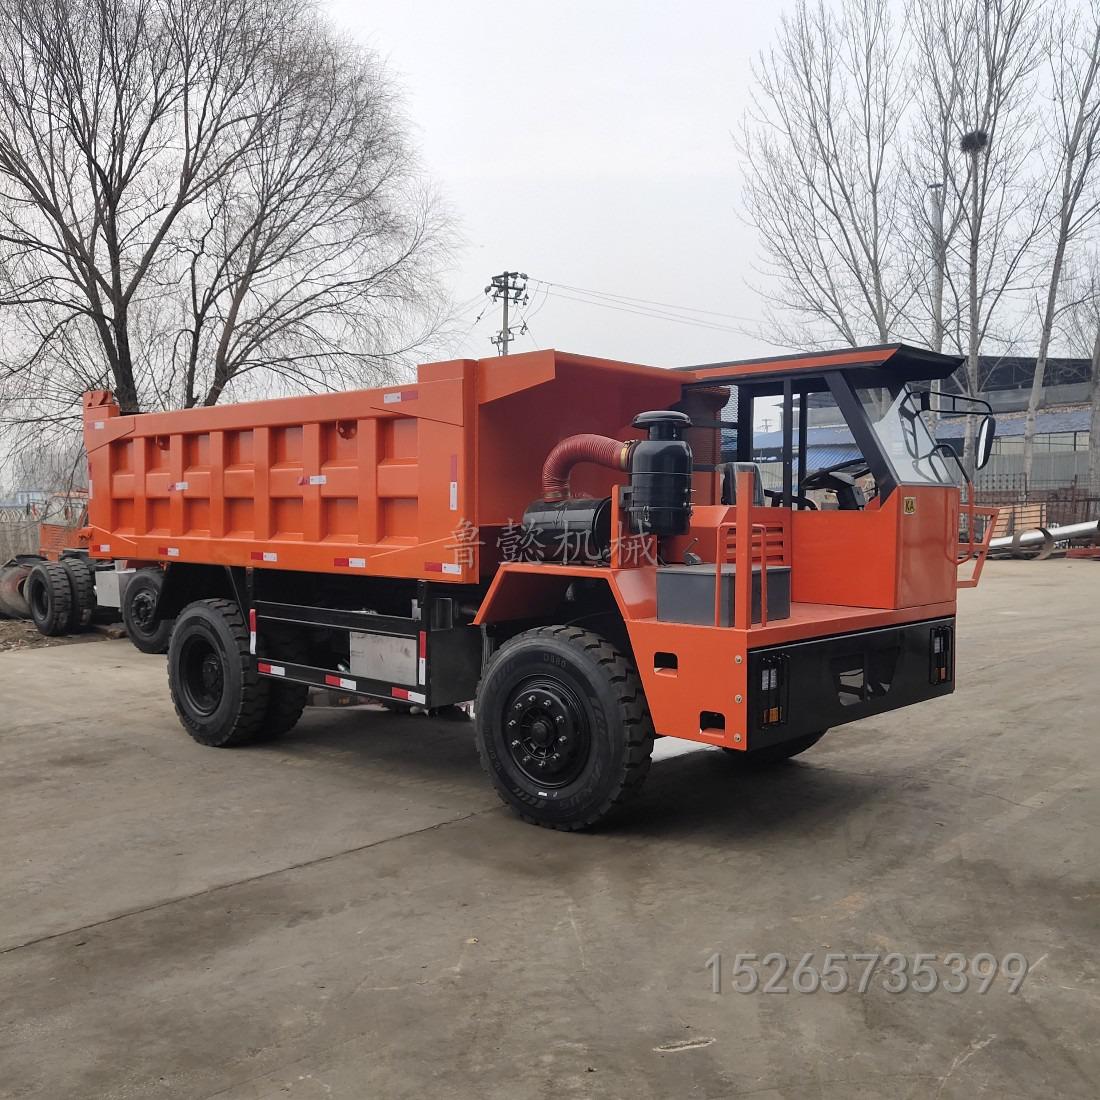 厂家直销地下运人车 安全可靠矿井运人设备带矿安证... _阿里巴巴